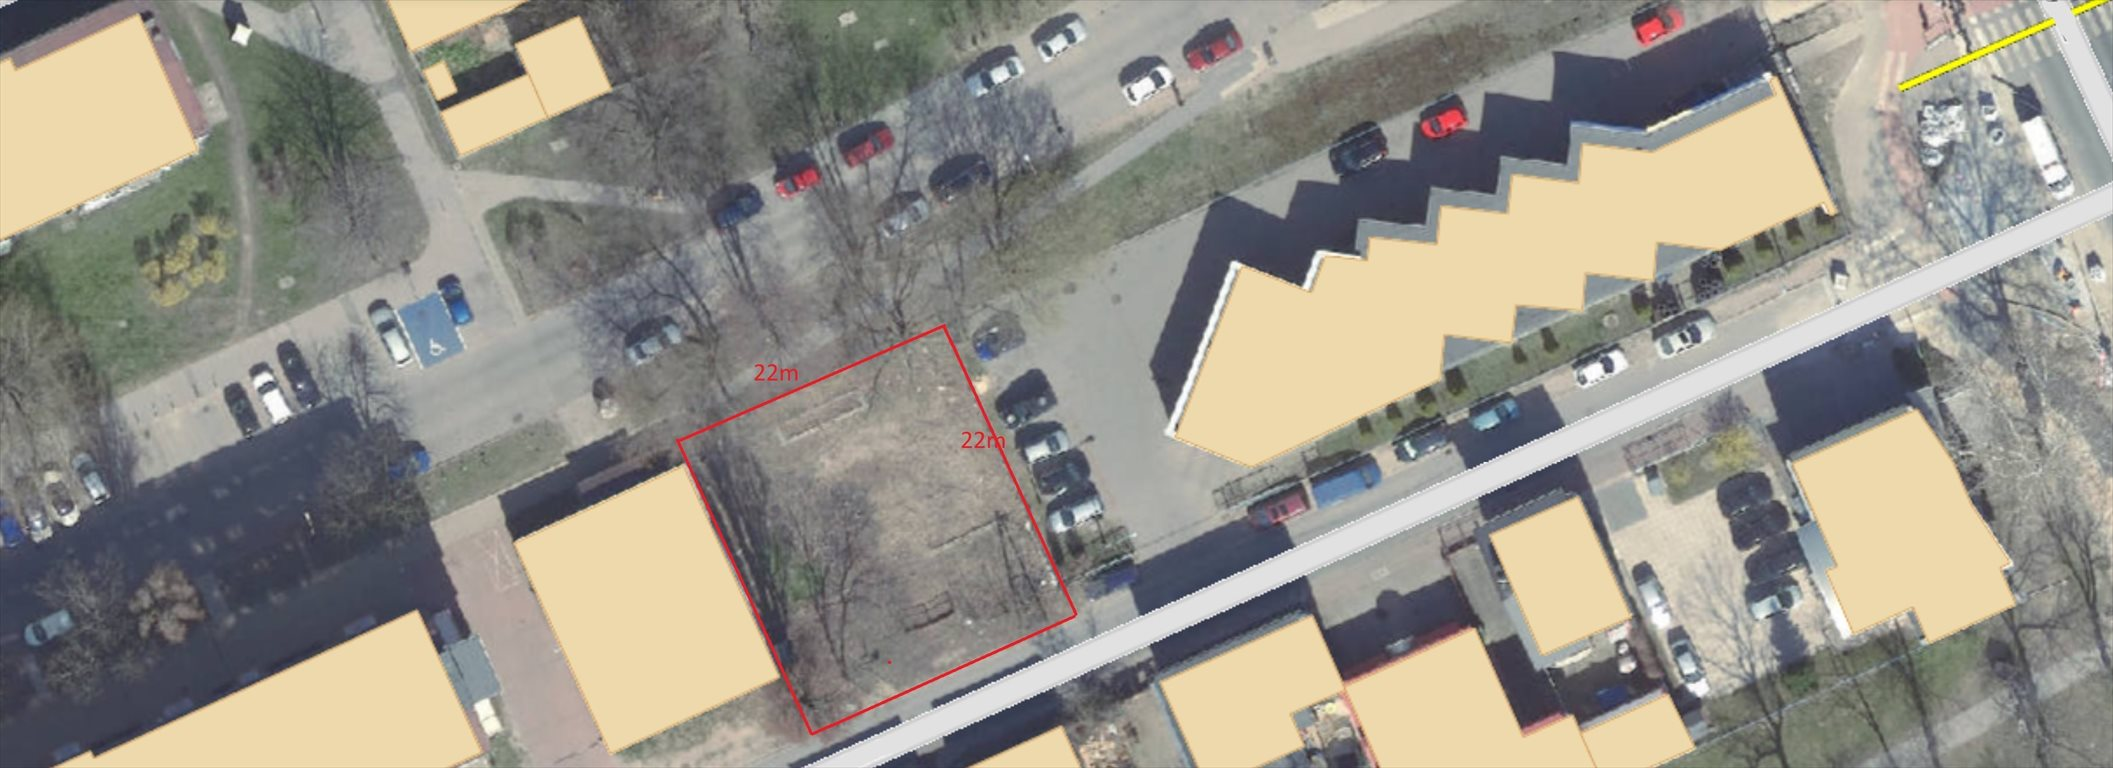 Działka inwestycyjna na sprzedaż Łódź, bałuty  484m2 Foto 1